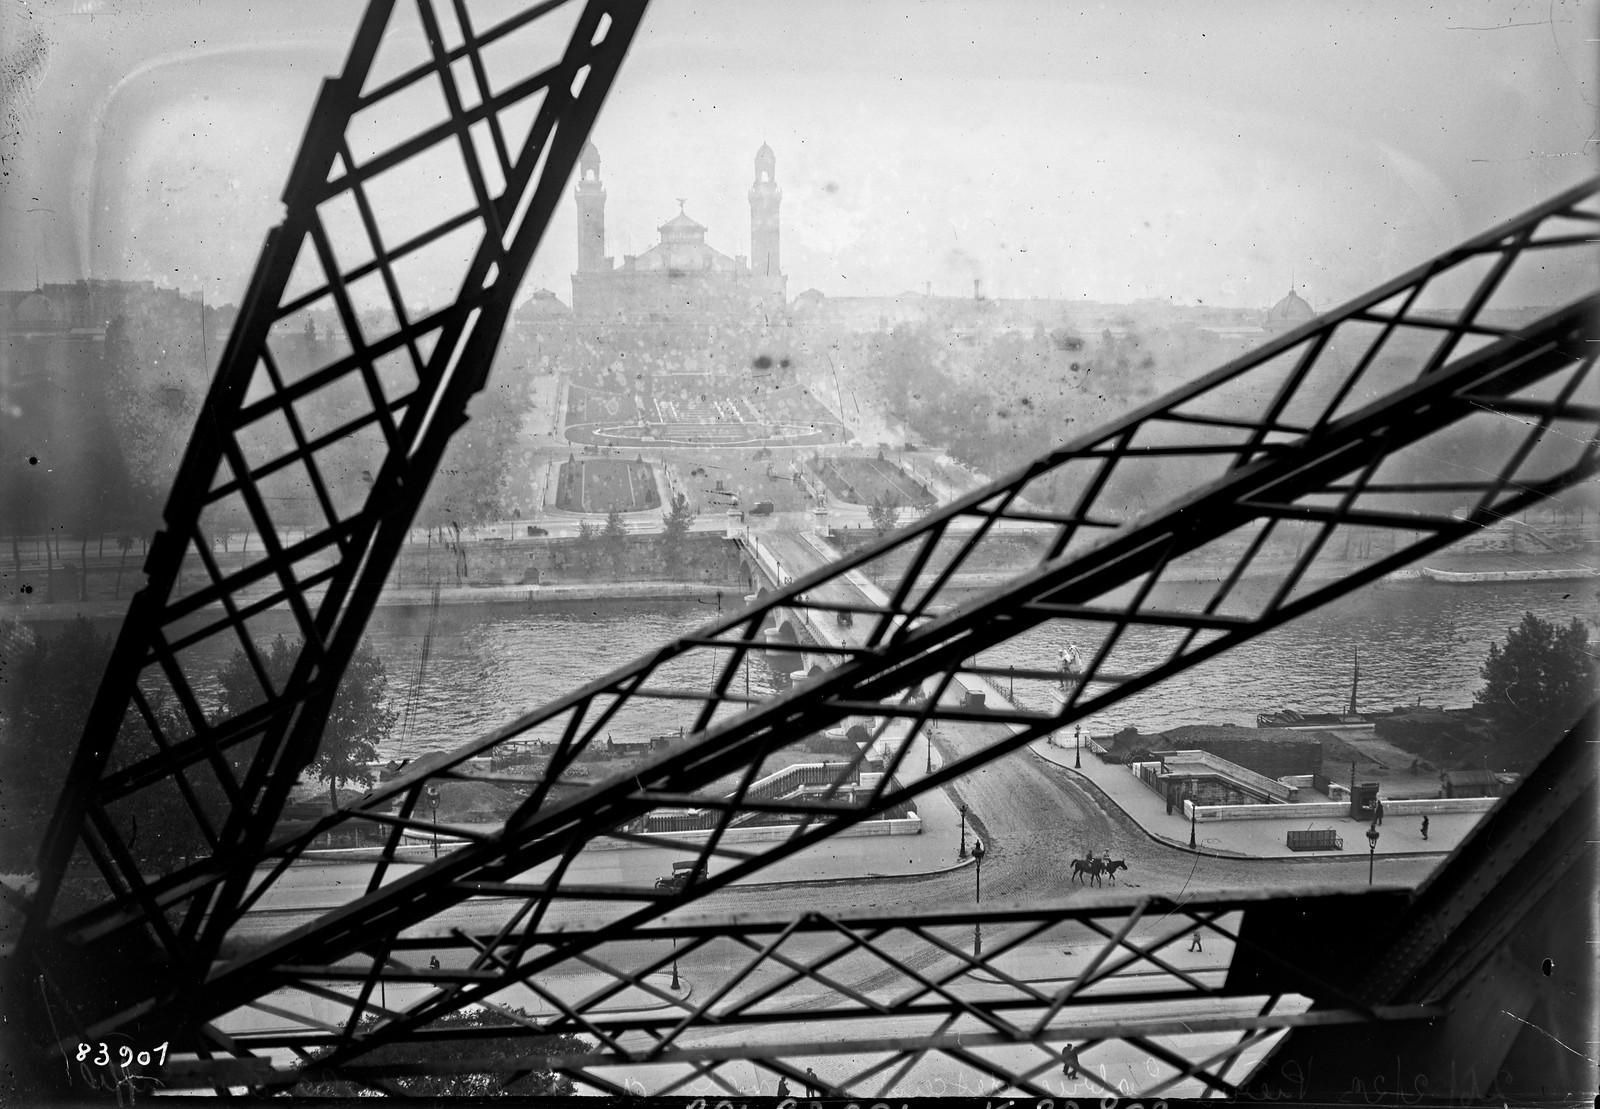 18. 1922. Пьер Лабрик спускается на велосипеде с 1-го этажа Эйфелевой башни (вид на Трокадеро с Эйфелевой башни)